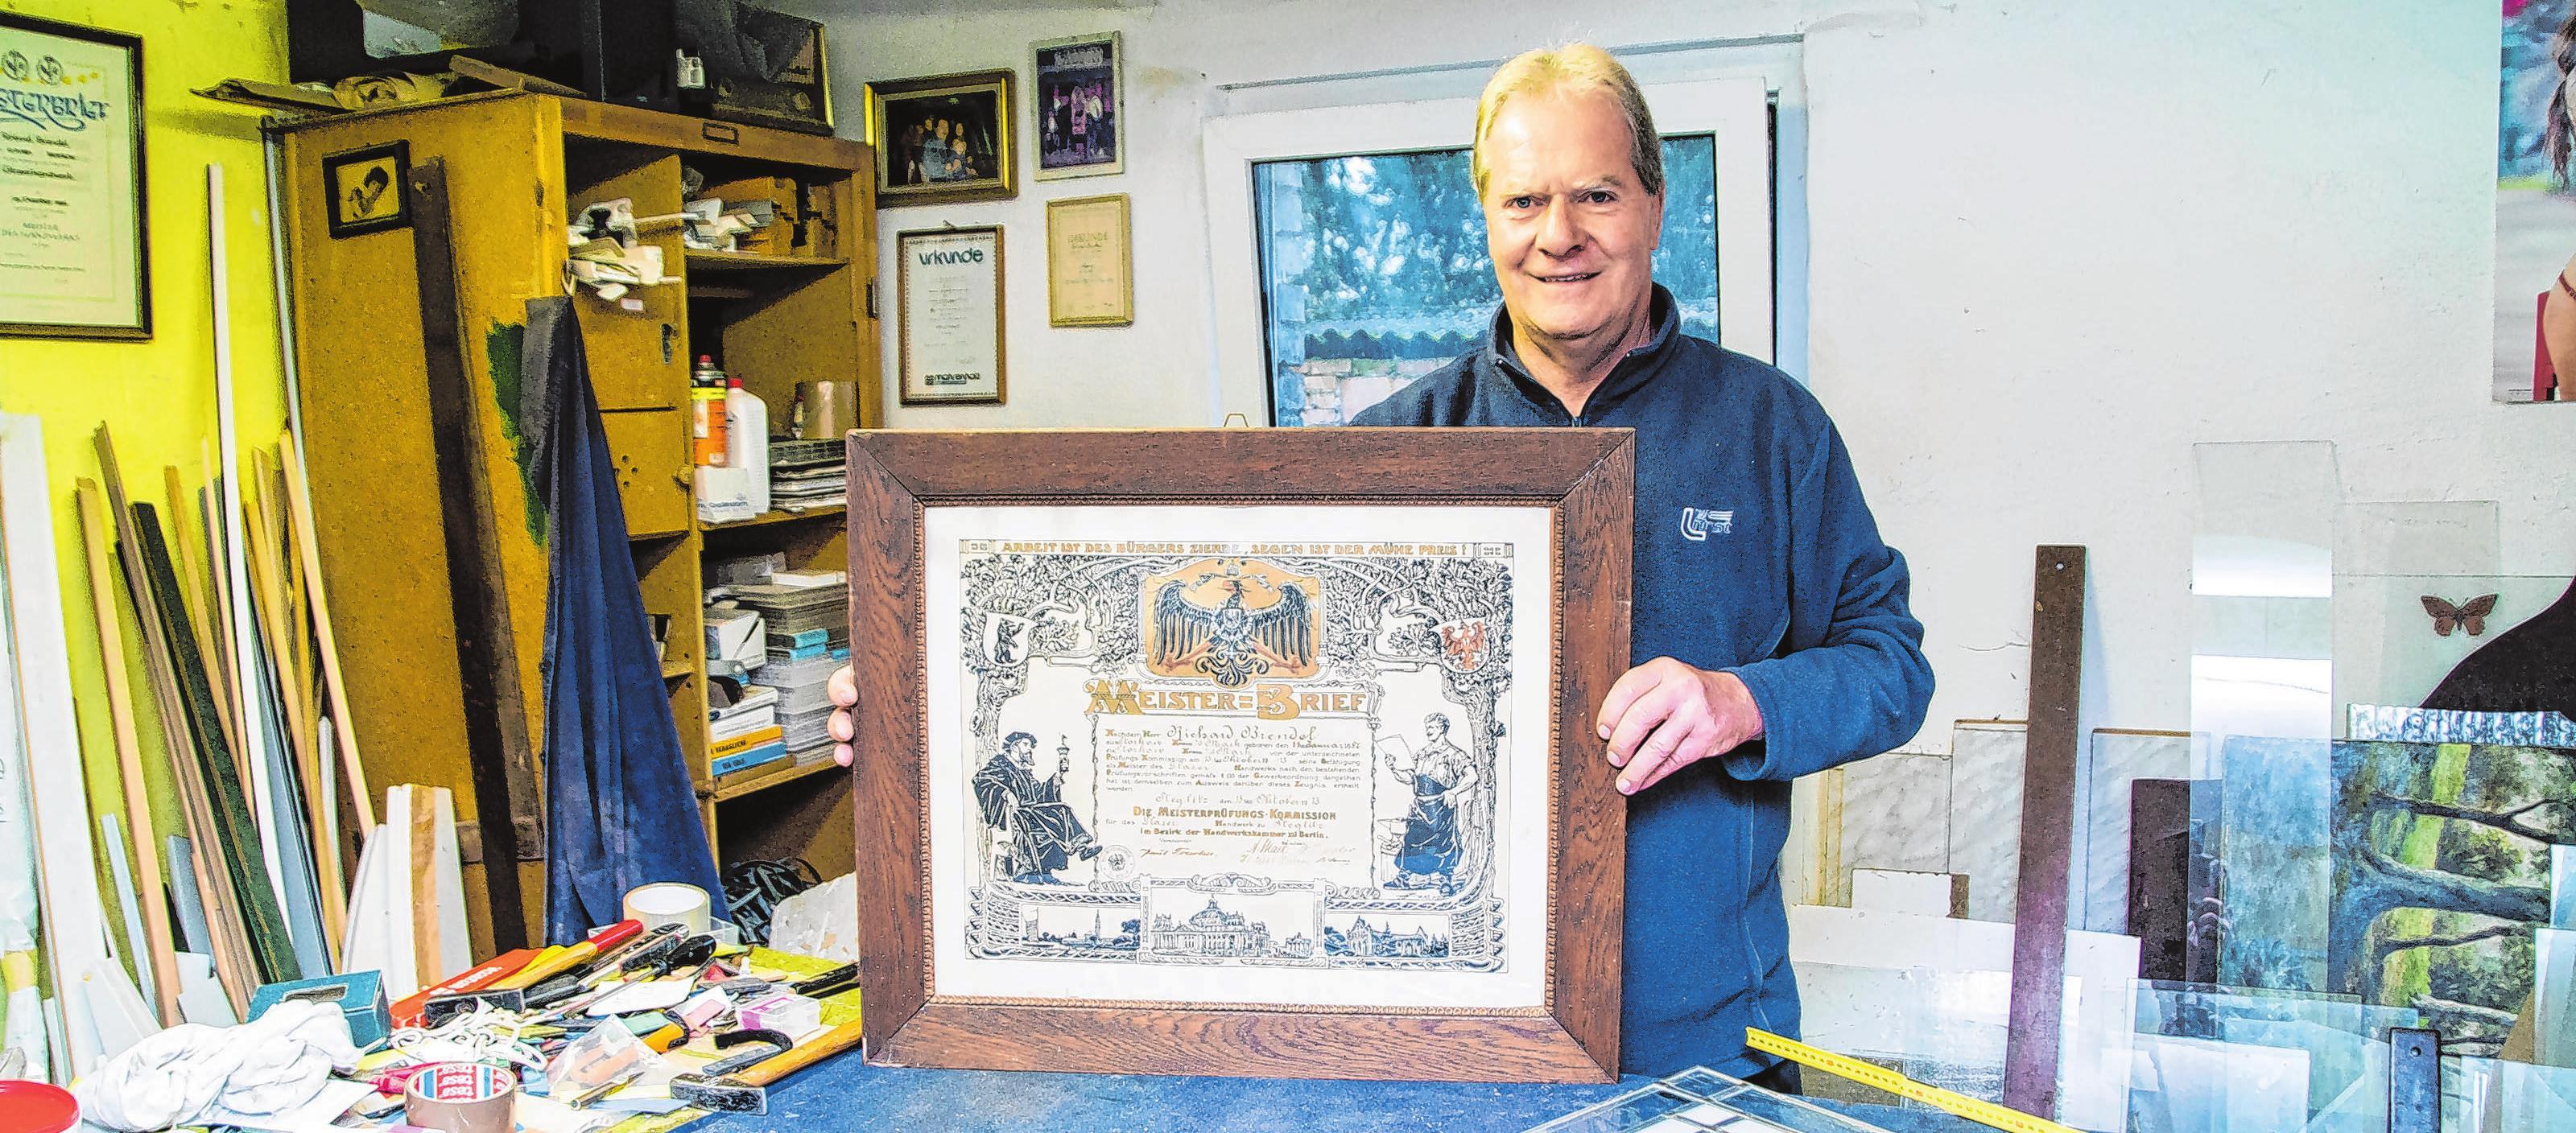 Glasermeister Roland Brendel zeigt stolz den Meisterbrief seines Großvaters von 1915. Er selbst hat seinen Meisterbrief im Jahr 1989 erhalten.Fotos: Alexander Winkler